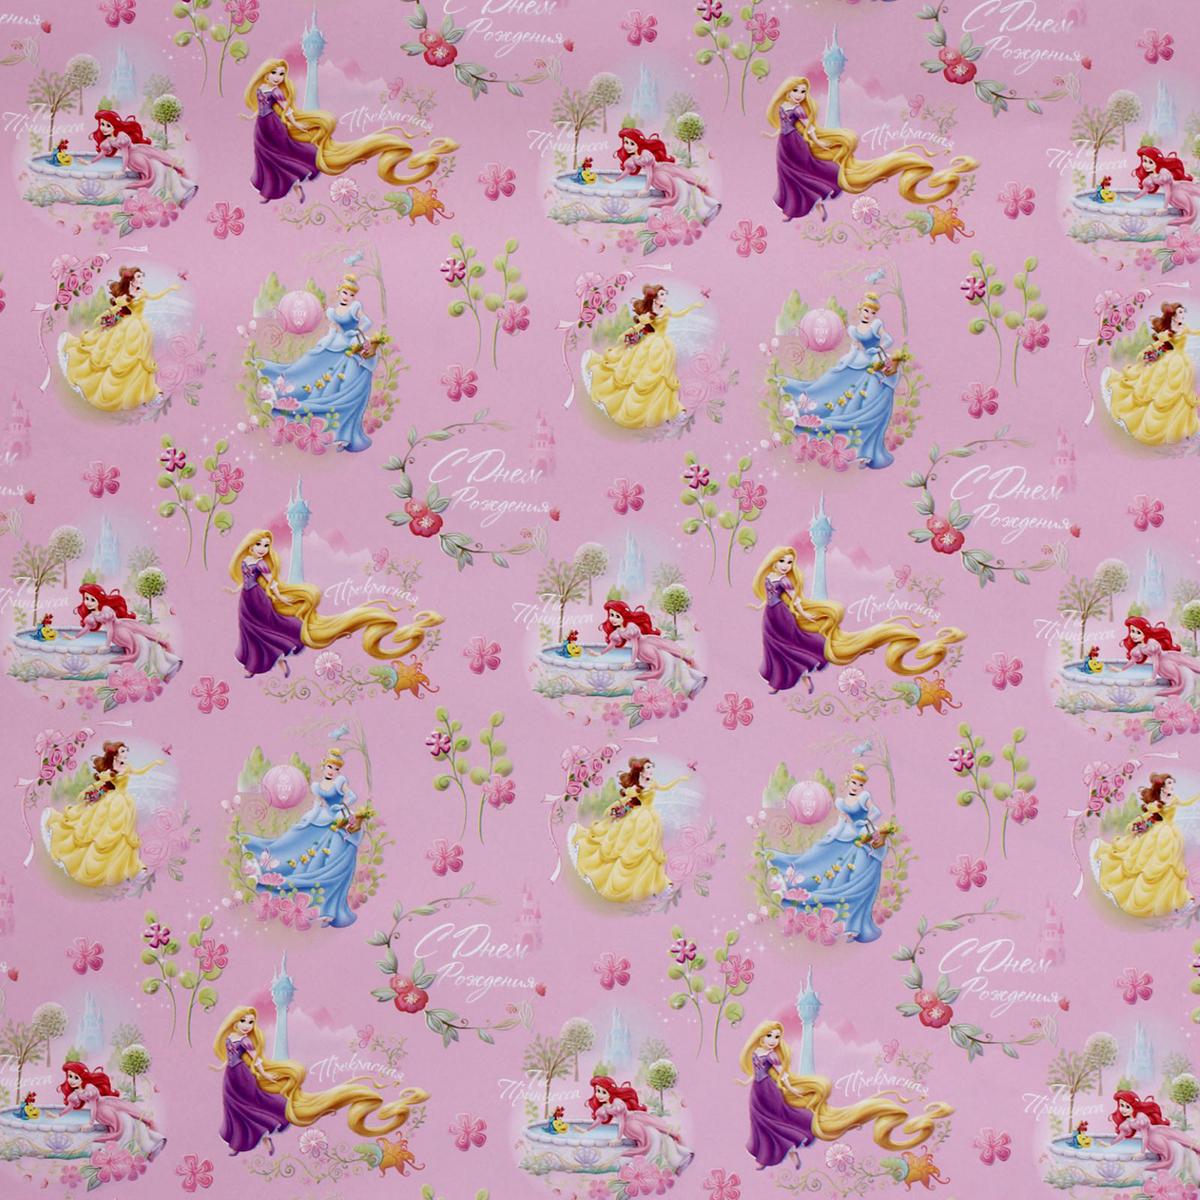 Бумага упаковочная Disney С Днем Рождения! Ты принцесса, глянцевая, 70 х 100 см disney гирлянда детская на ленте тачки с днем рождения